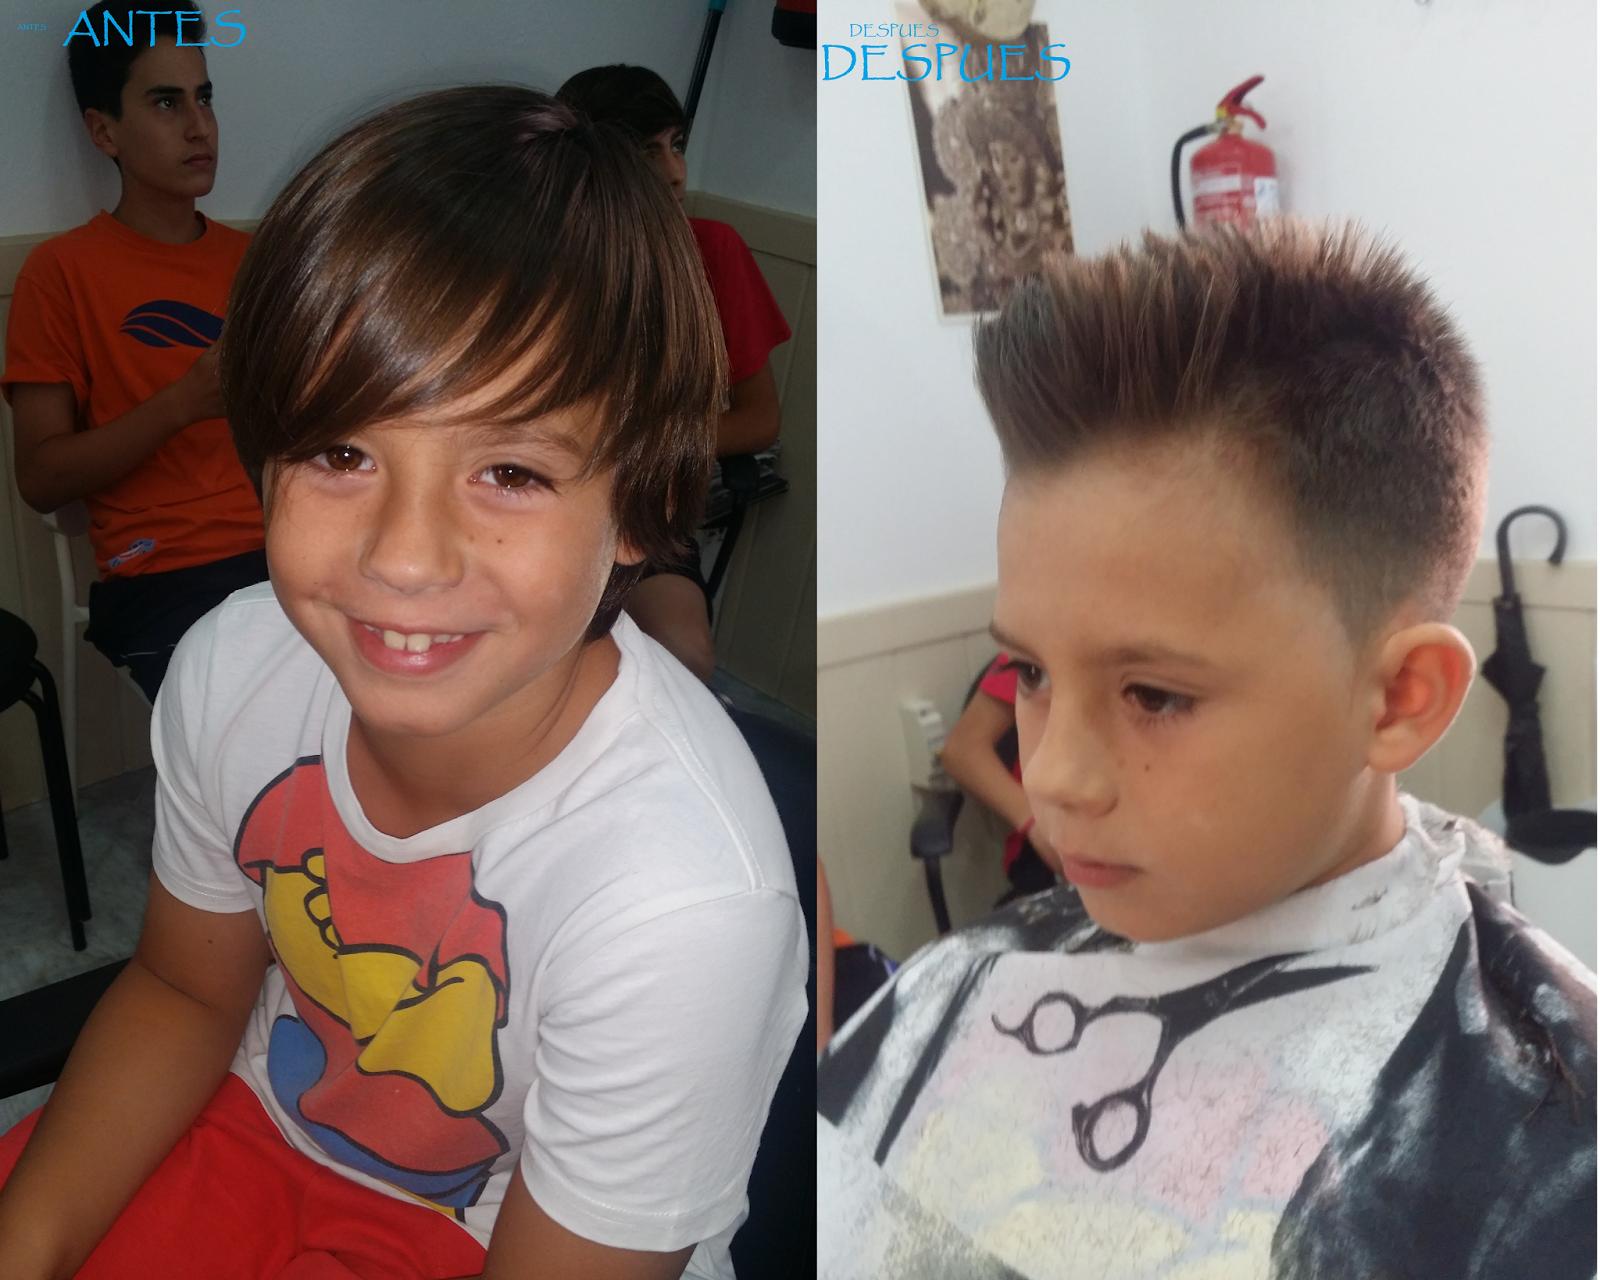 Peluquer a caballeros nuevo estilo antes y despues - Nuevo estilo peluqueria ...